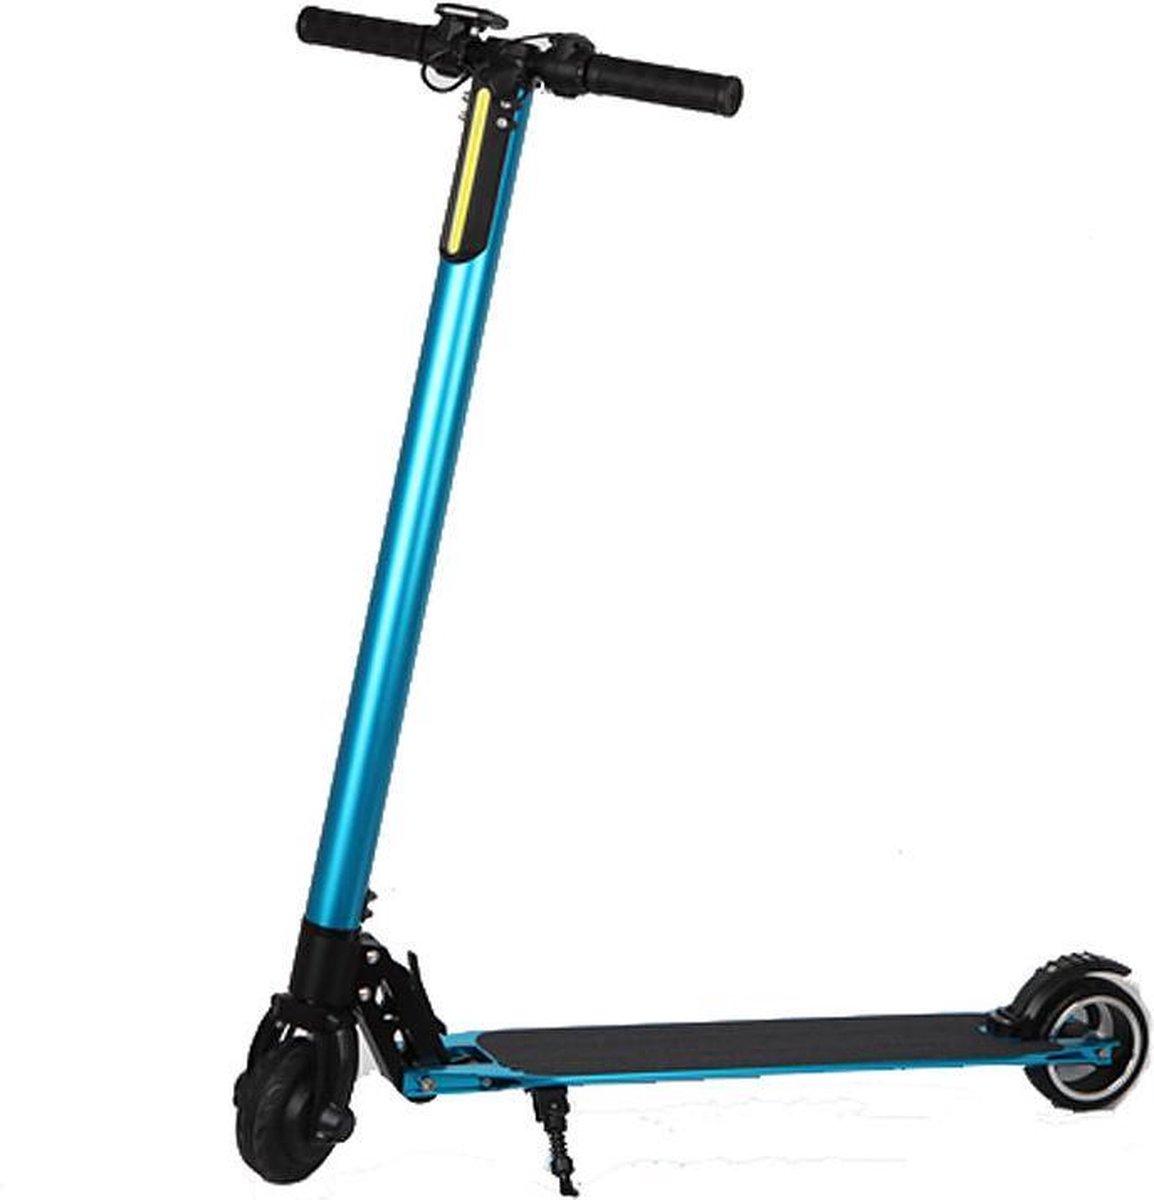 Techno LITE E-Scooter - Elektrische step, Turkoois, opvouwbaar, 250W